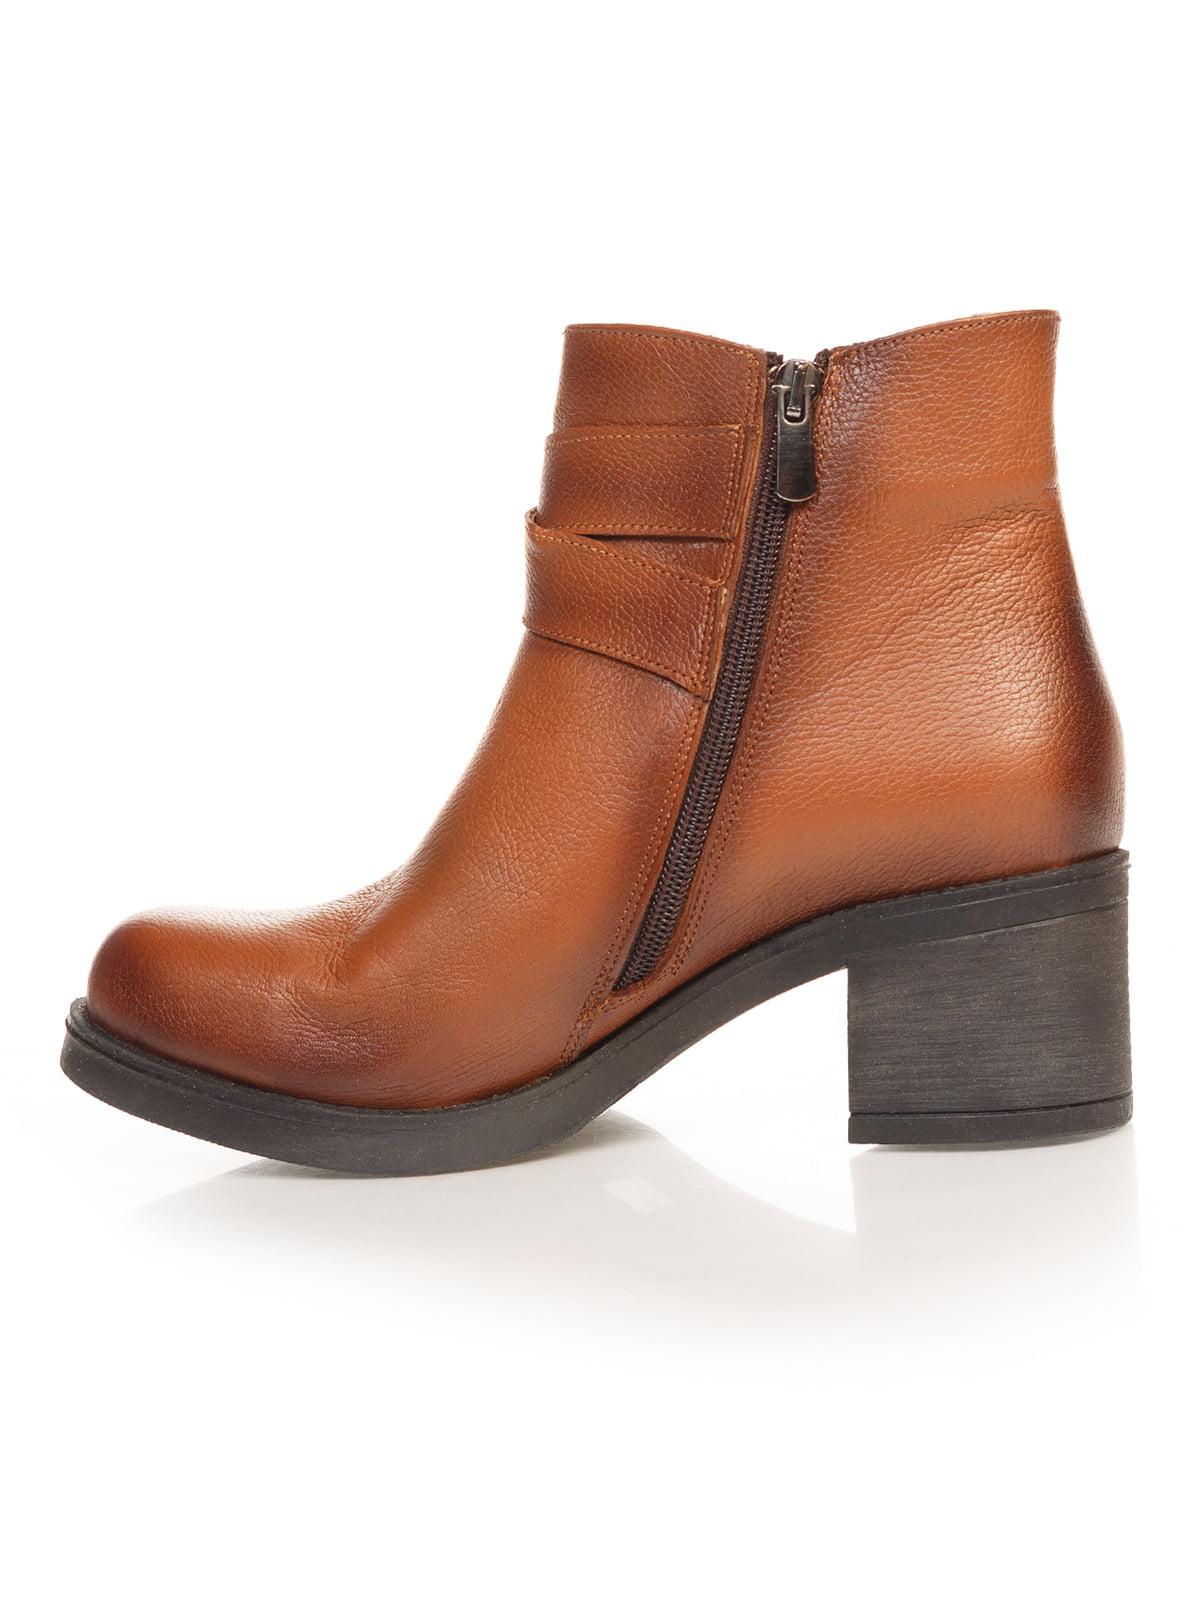 Ботинки коричневые | 4771467 | фото 4